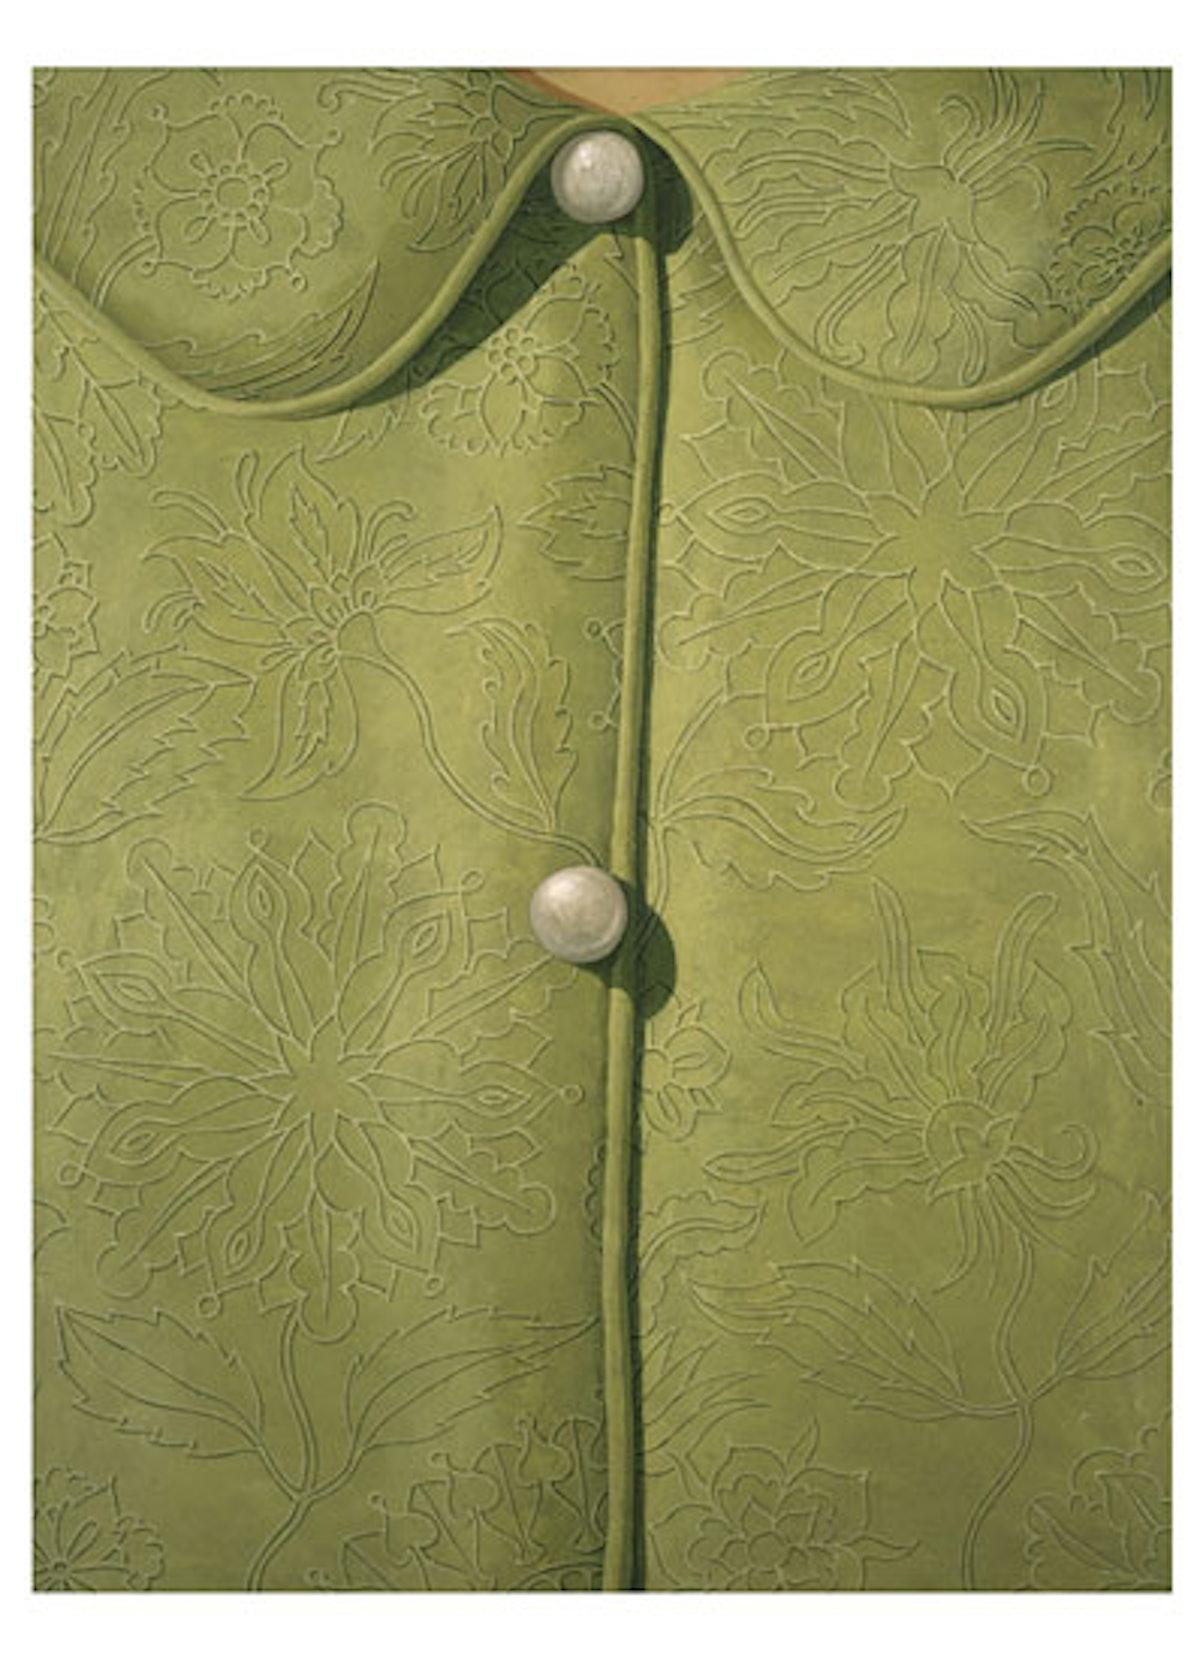 arss-domenico-gnoli-artwork-04-v.jpg